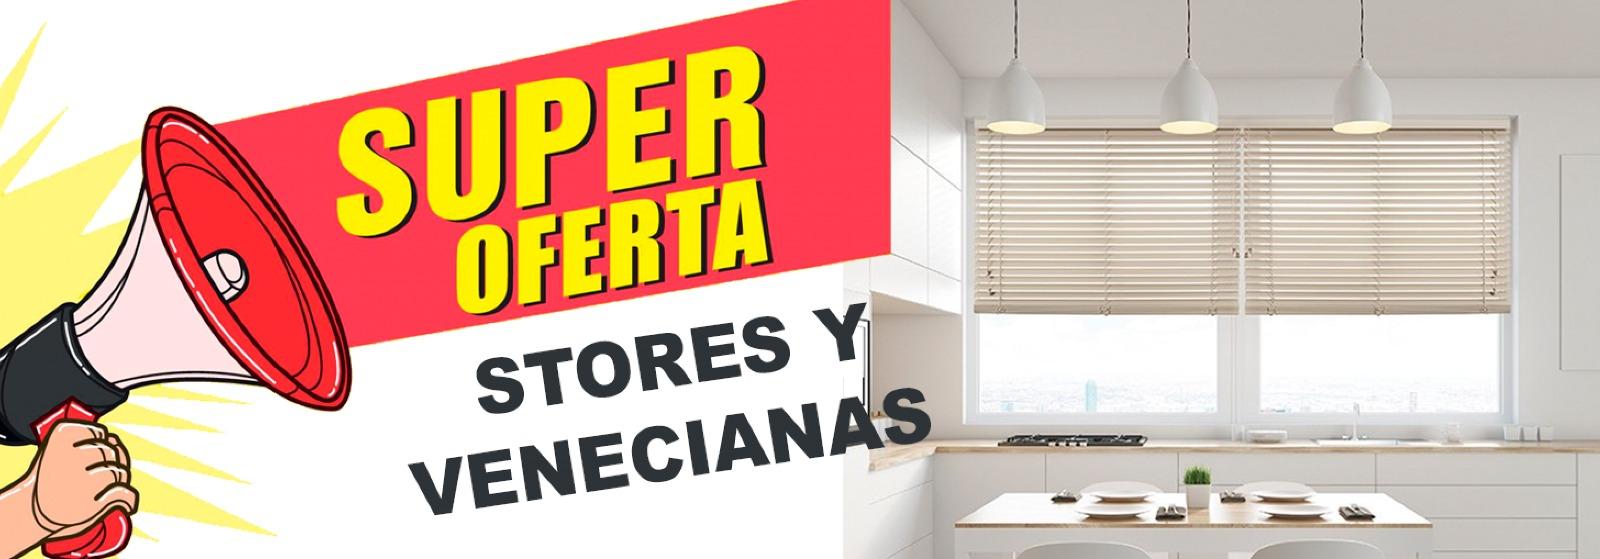 offer banner 1